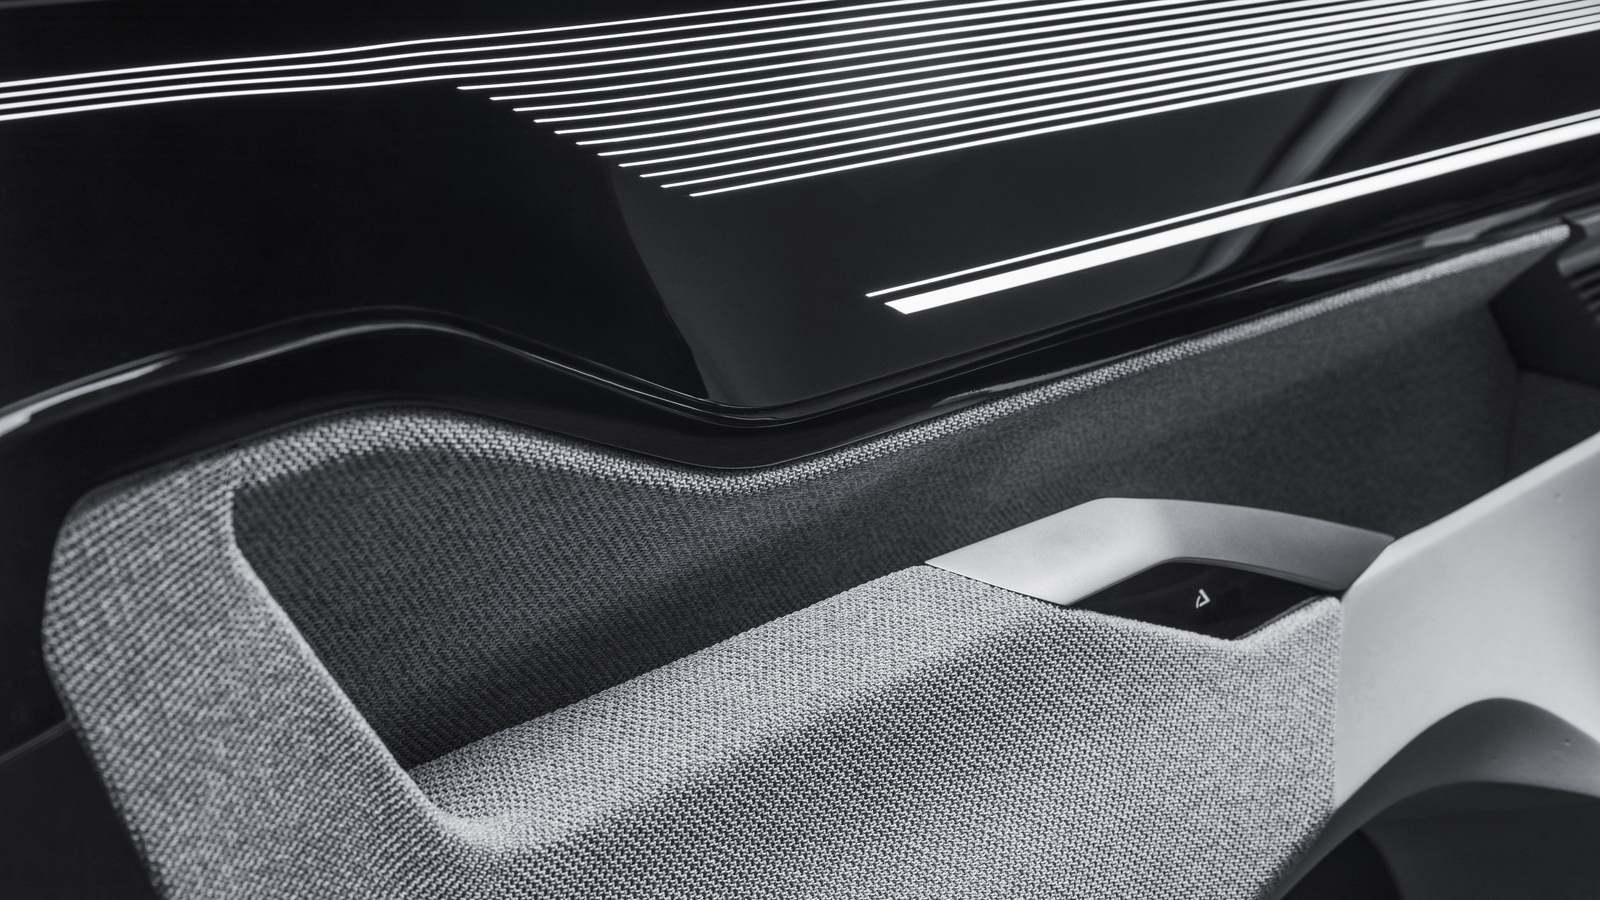 2017-Peugeot-Instinct-Concept-Interior-11